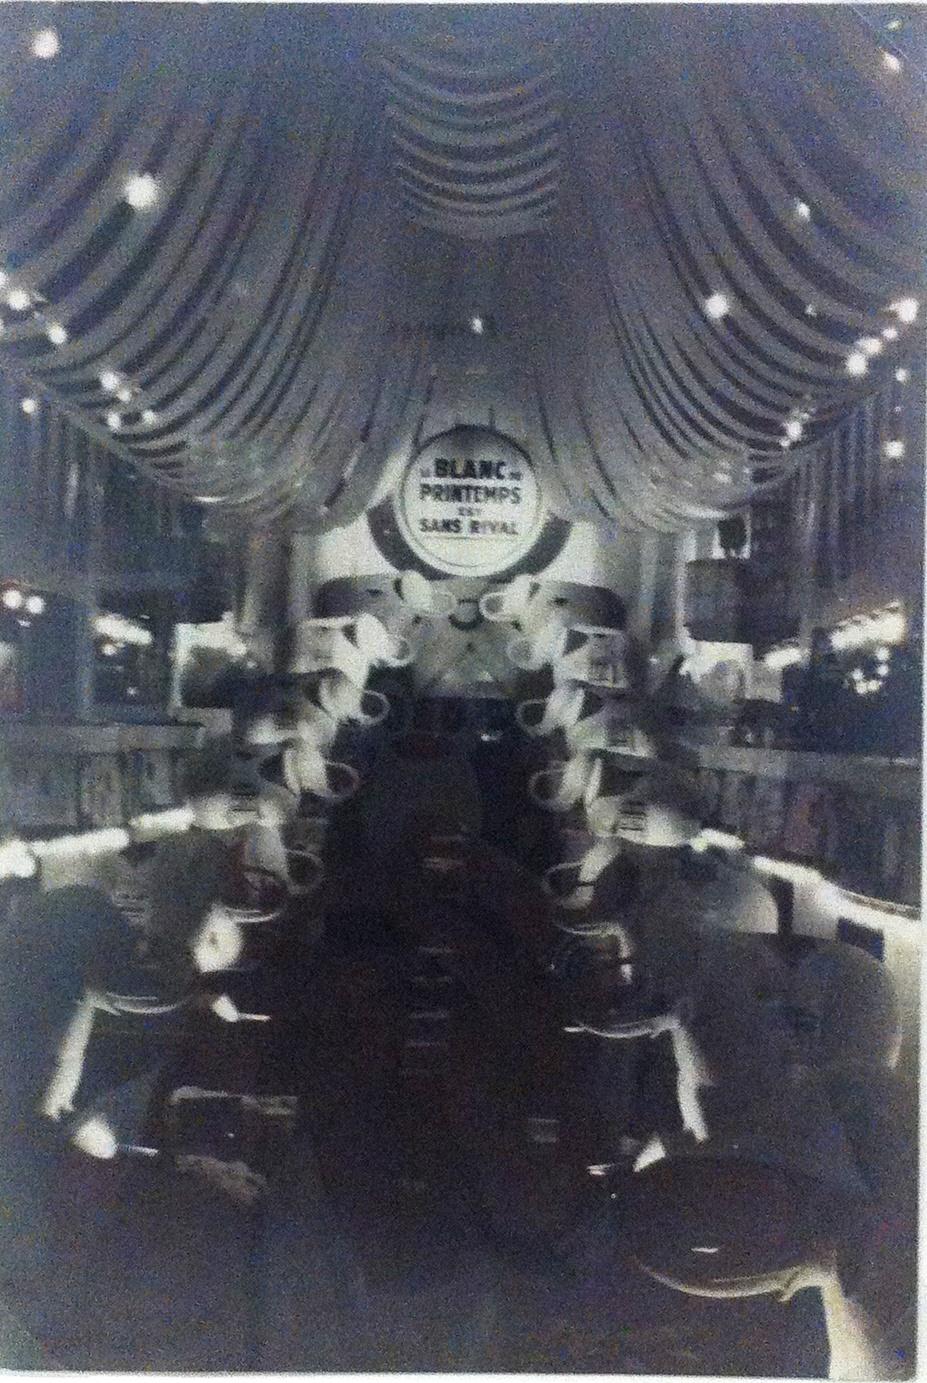 Semaine du blanc dans un grand magasin. Le Printemps, 1928